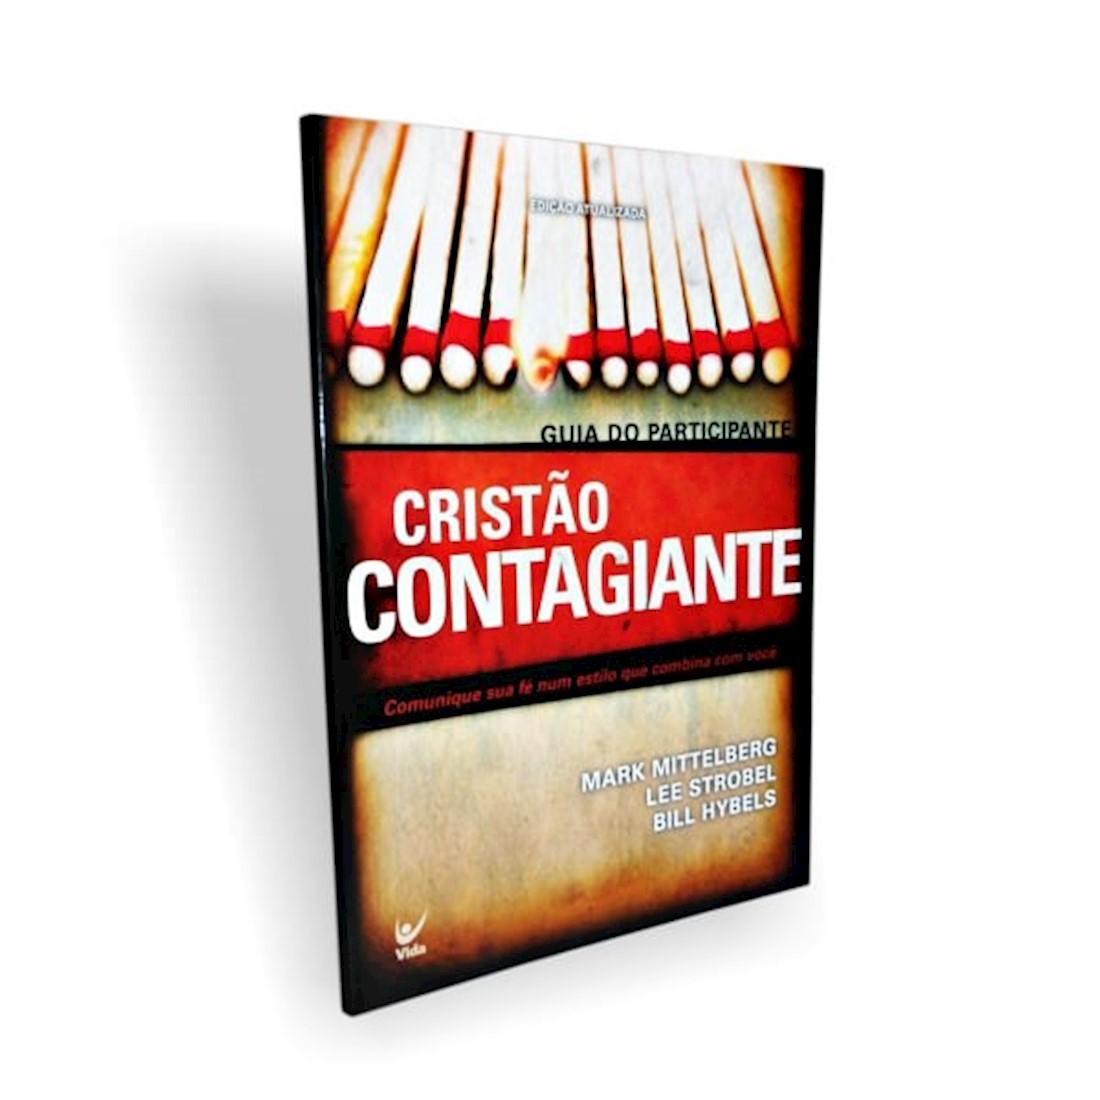 Livro Cristão Contagiante Guia do Participante 2° Edição